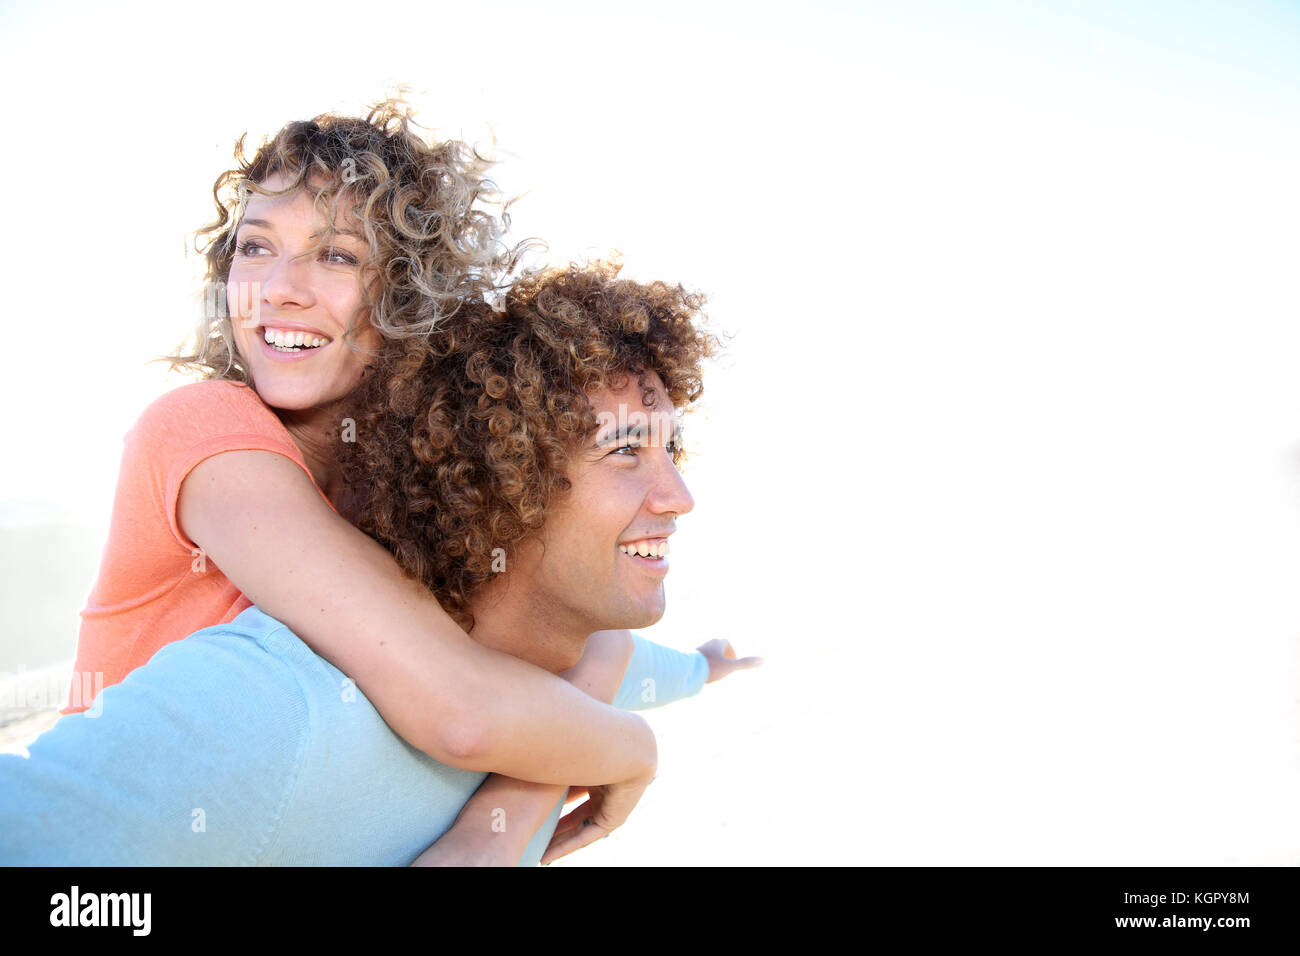 Hombre haciendo piggyback ride a la novia en la playa Imagen De Stock